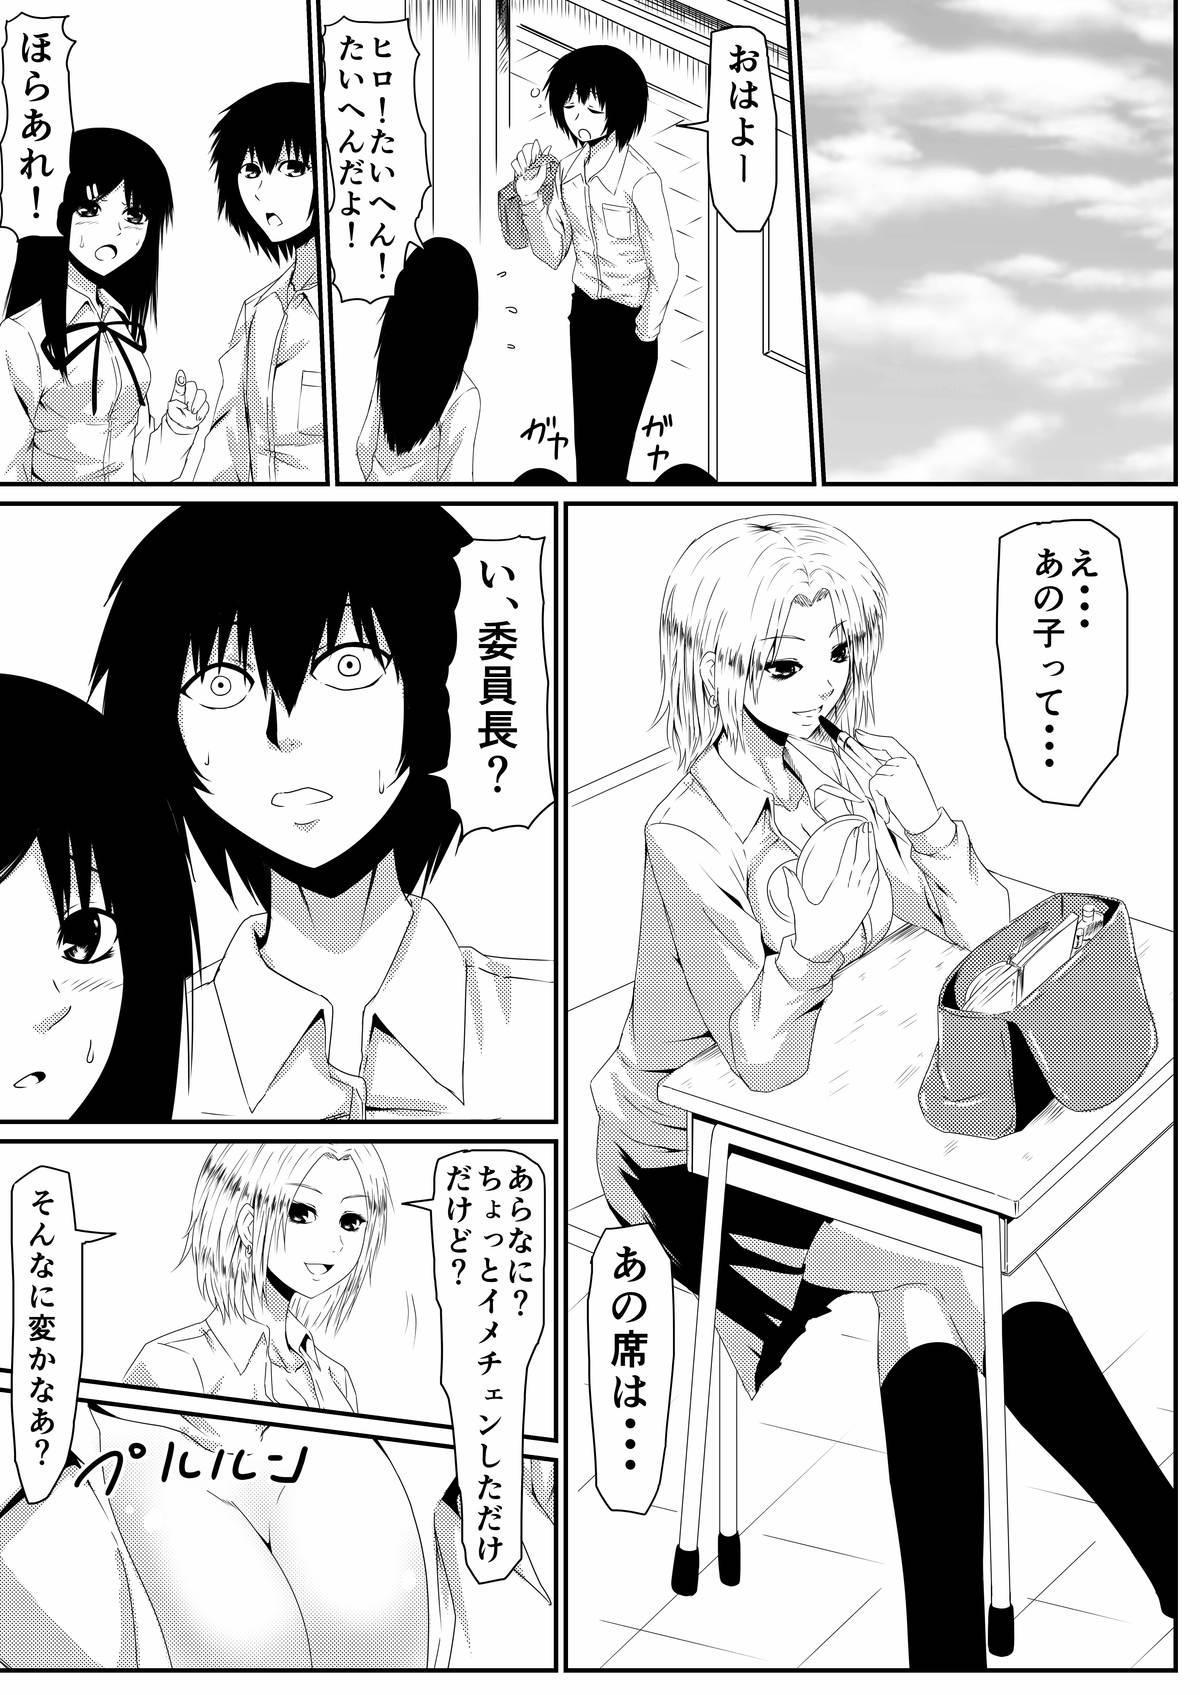 [Mikezoutei] Mashou no Chinko o Motsu Shounen ~Kare no Dankon wa Josei o Mesu e to Kaeru~ Zenpen 15